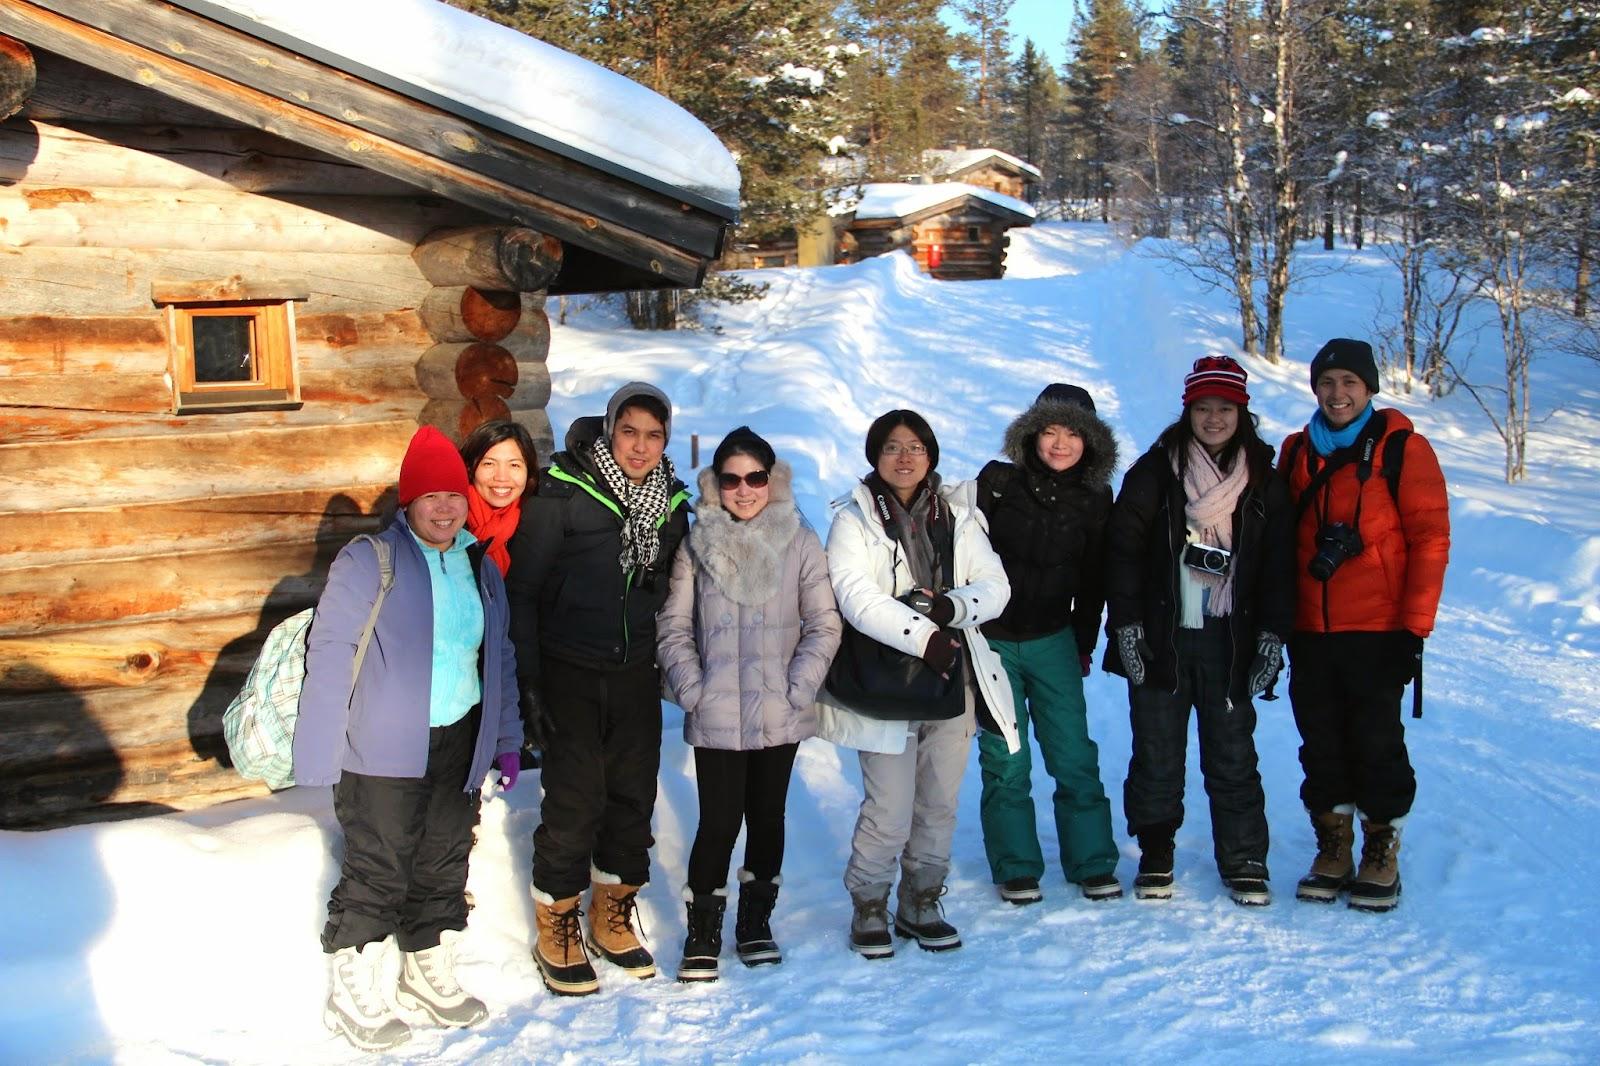 Winter at the Igloo Village, Kakslauttanen, Finland